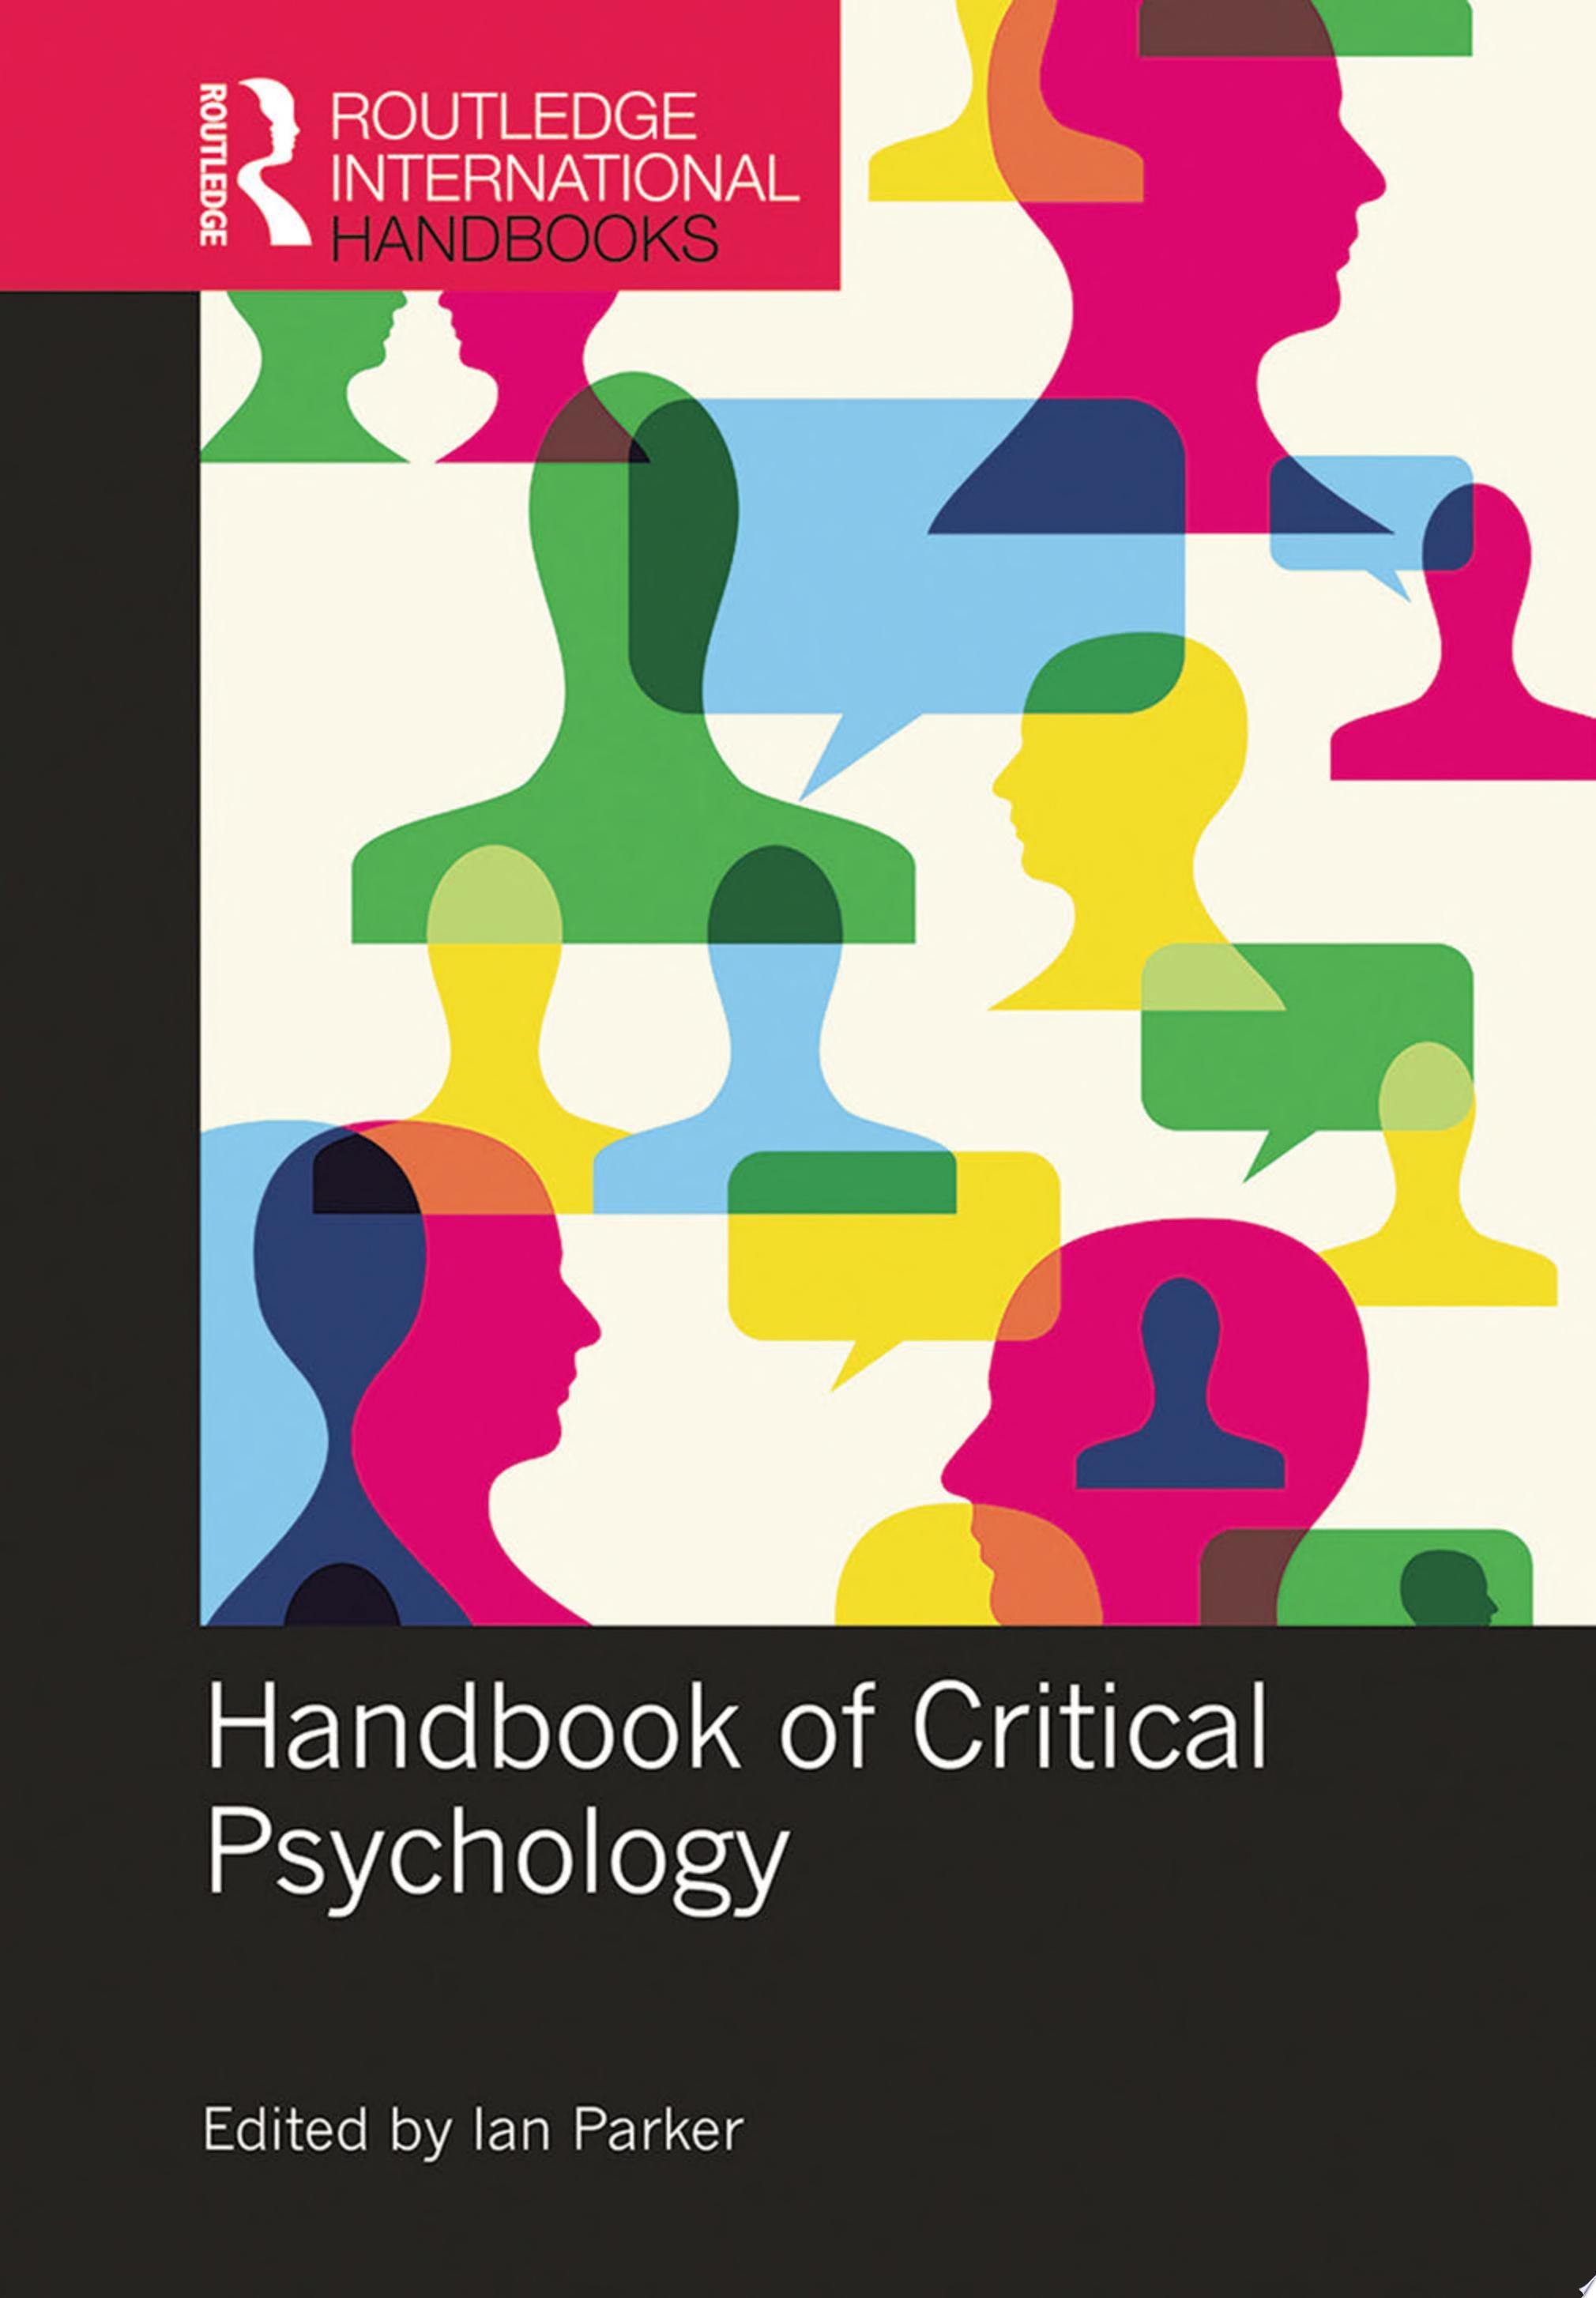 Handbook of Critical Psychology